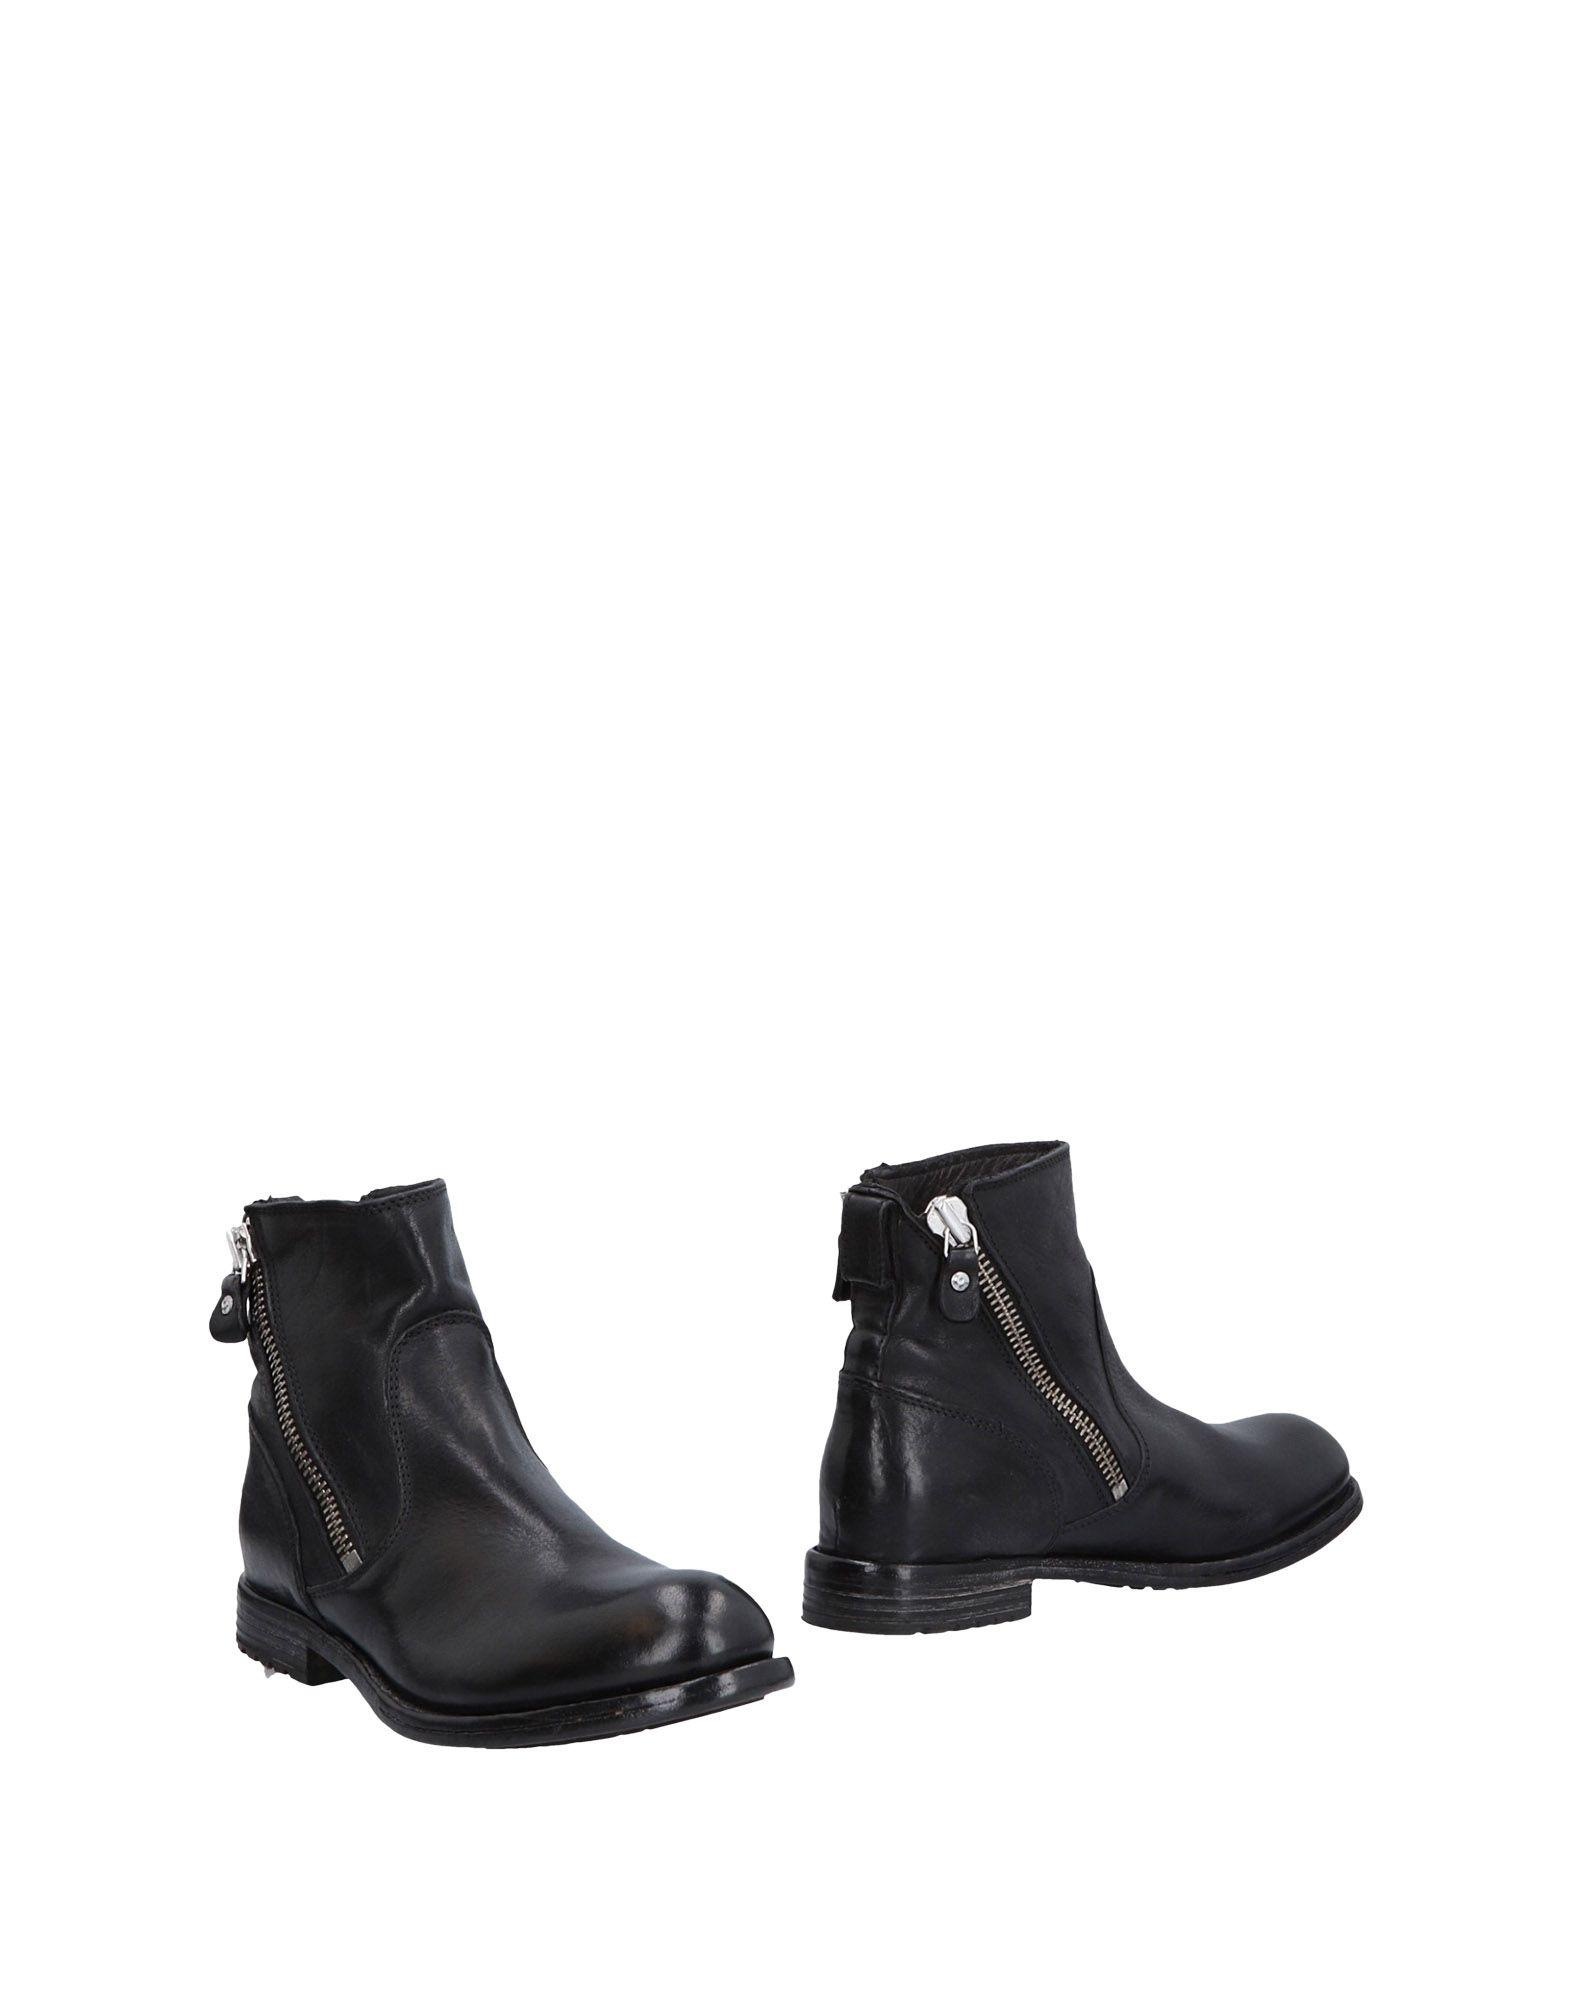 Moma Stiefelette Damen  11471568ATGut aussehende strapazierfähige Schuhe